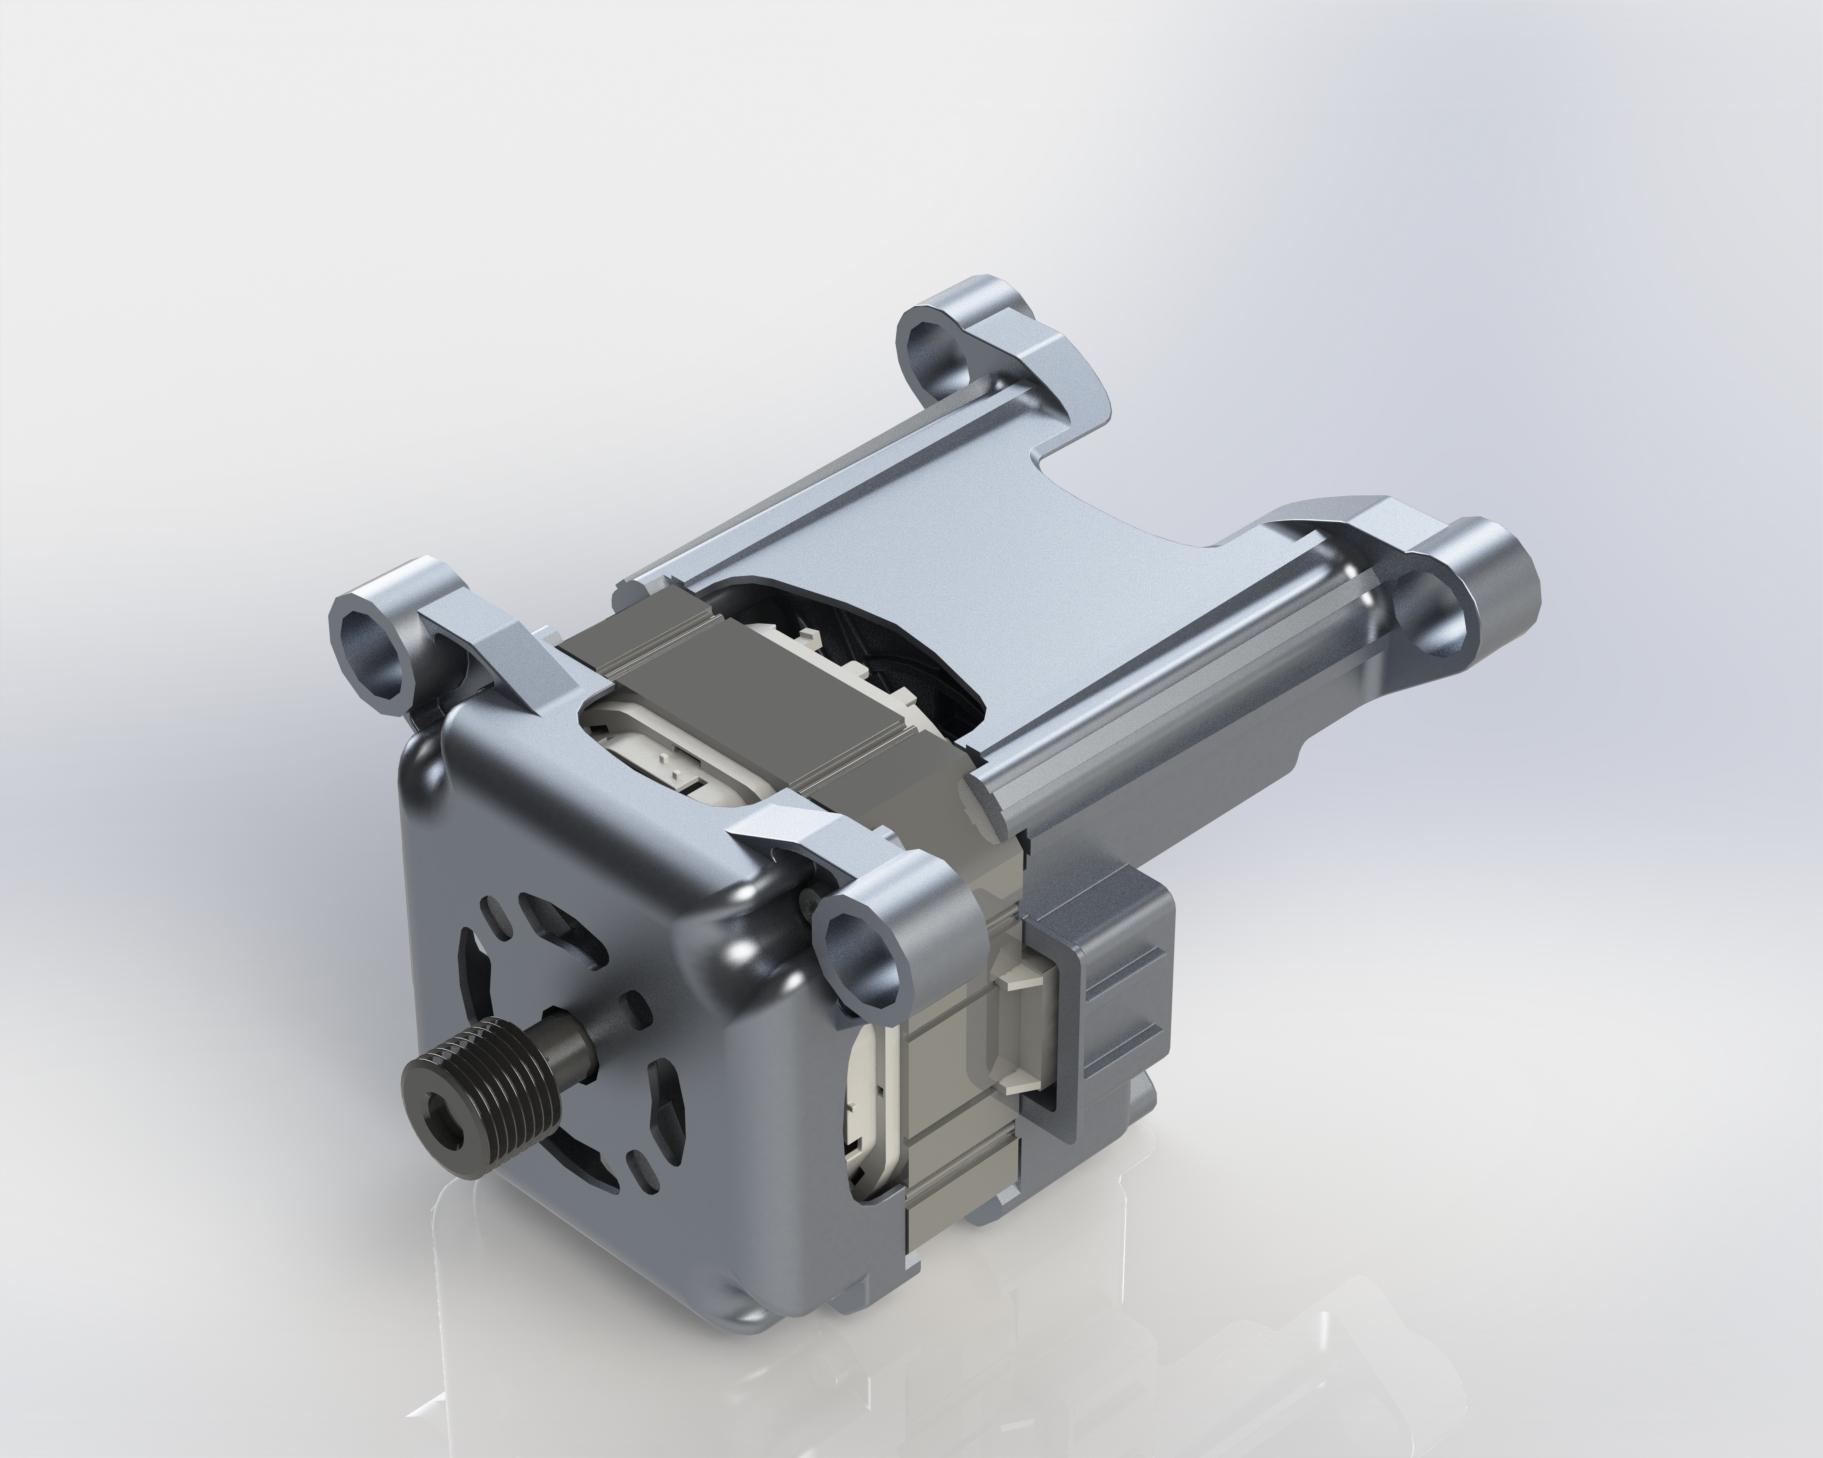 Washing machine motor_BLDC/PMSM motor_Spoke